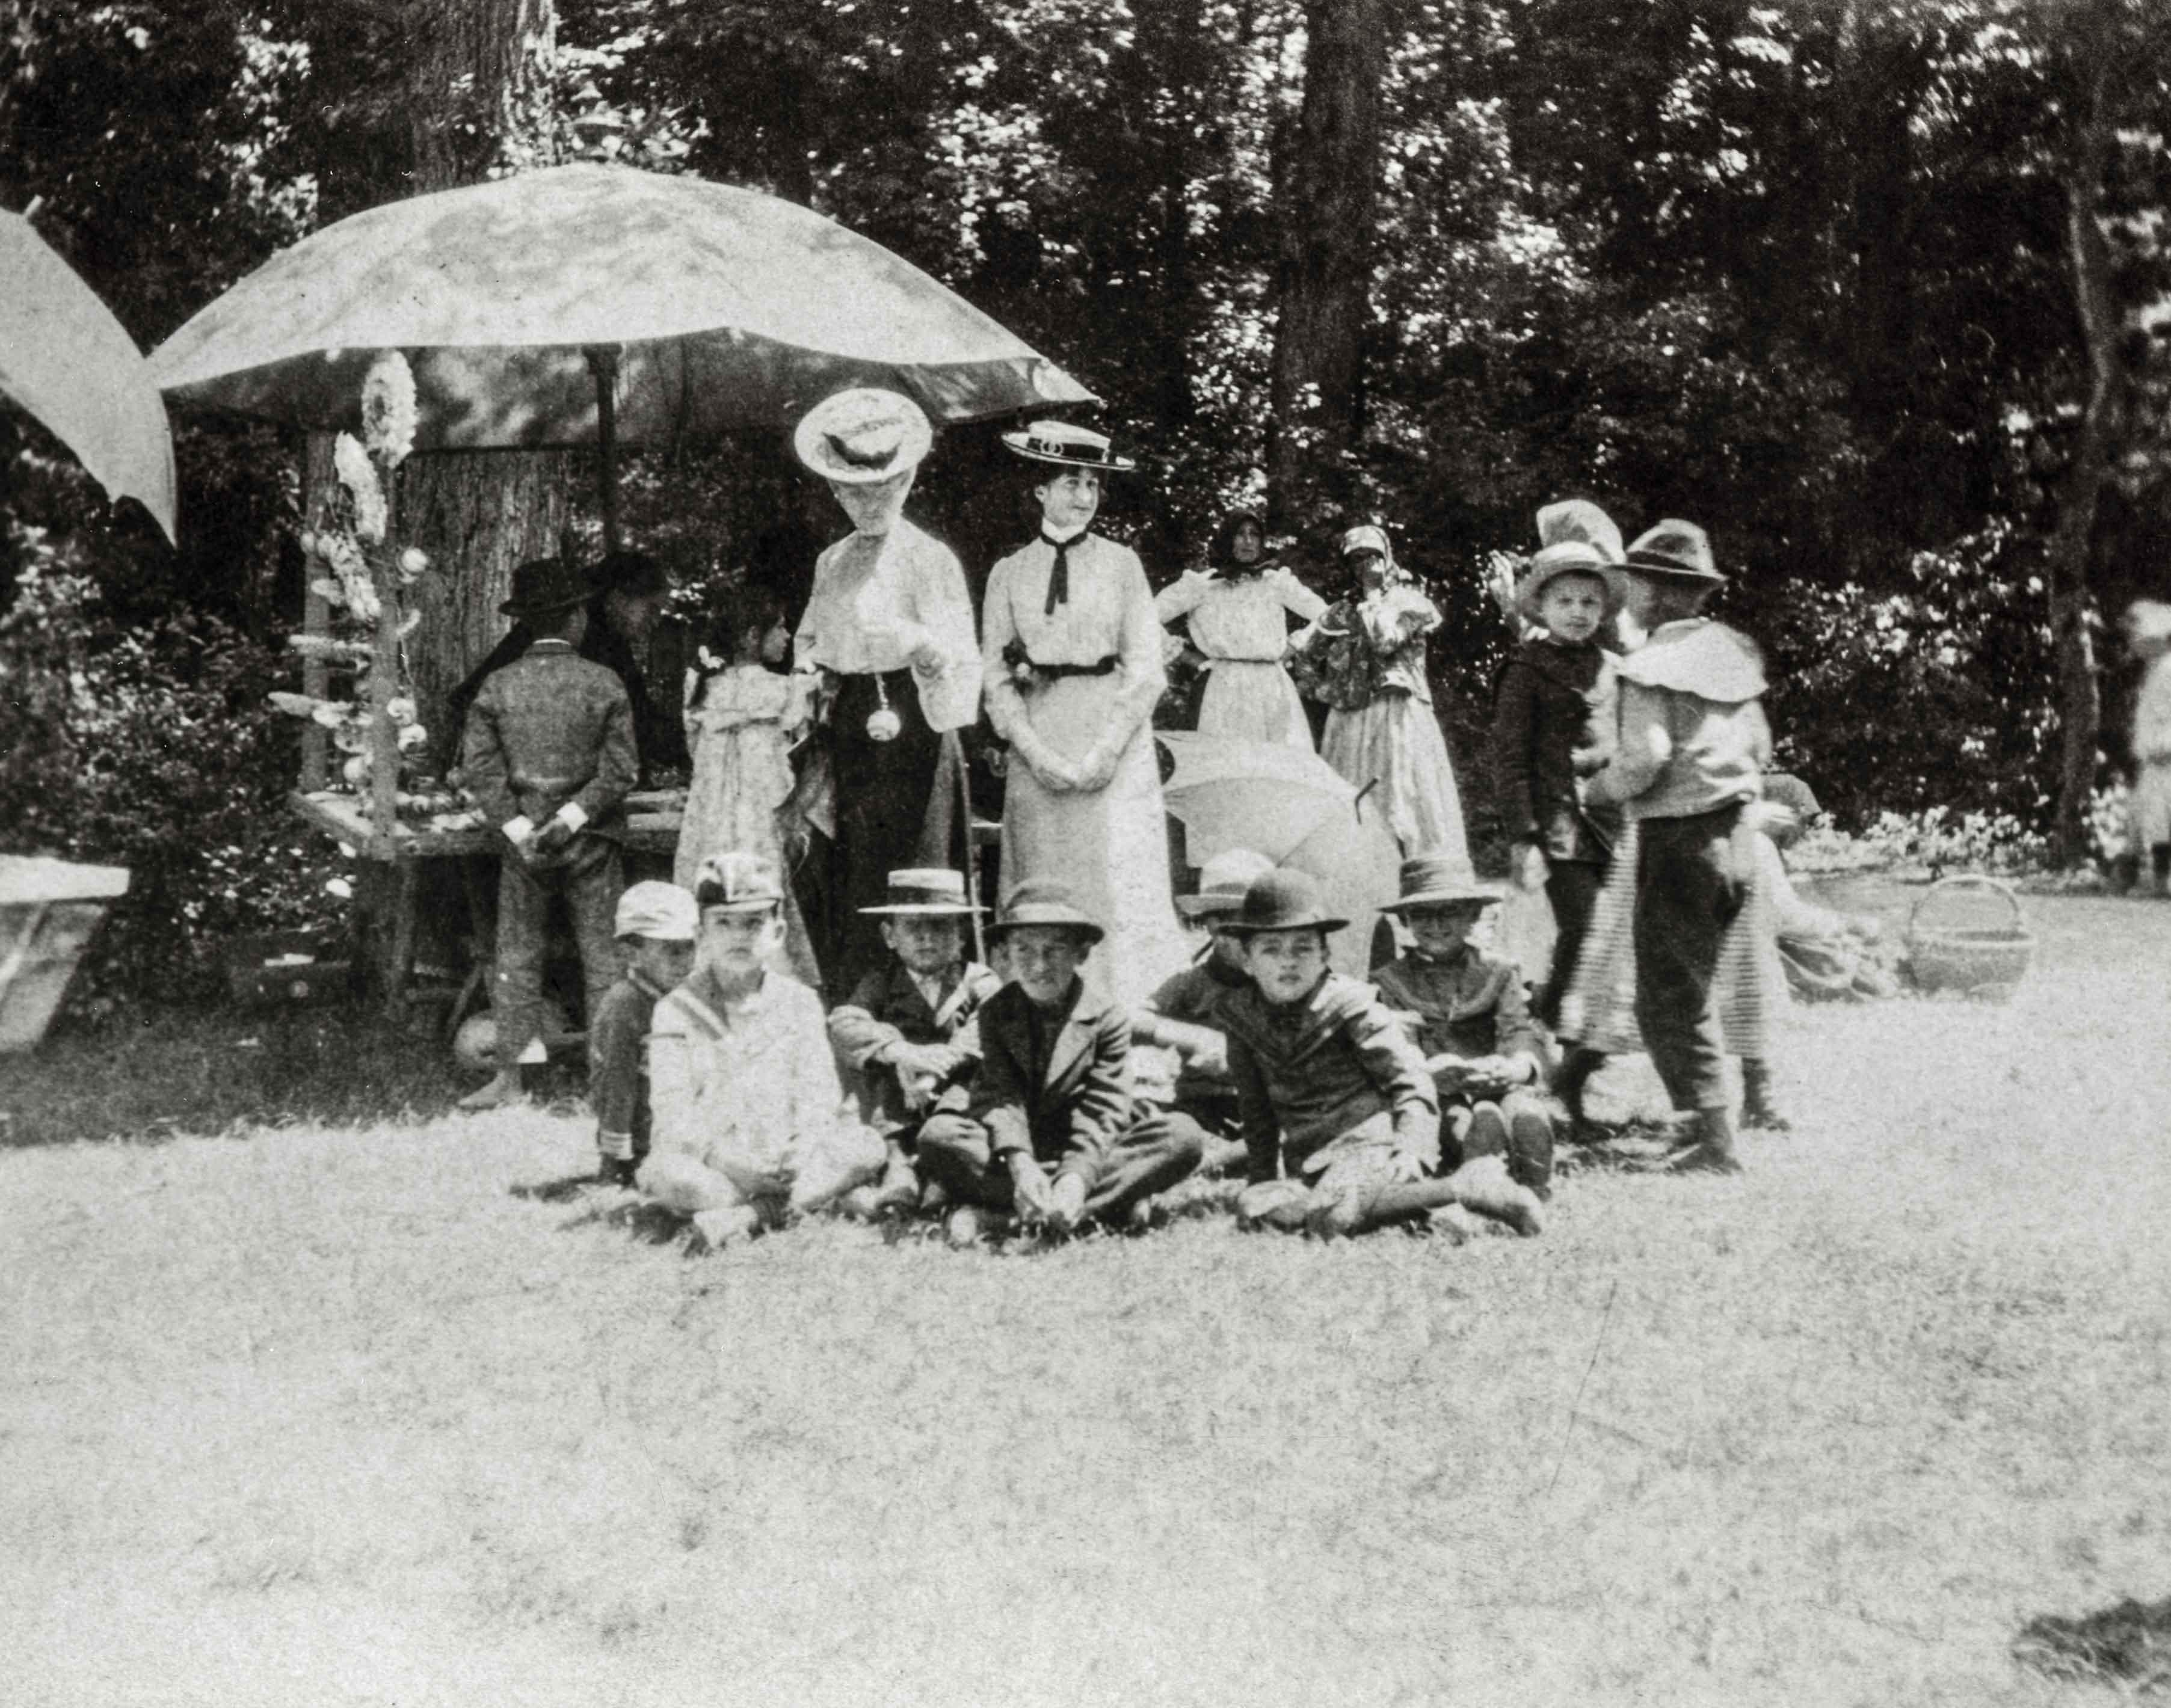 Majális. A zombori Sikara erdő mind a nemesség, mind a polgárság kedvelt kirándulóhelye volt, ahol előszeretettel rendezett az ifjúság tavaszi és nyári mulatságokat.<br />Zombor, 1907 előtt, F 8499<br /><br />Fotó: Alföldy Flóra © Néprajzi Múzeum<br />